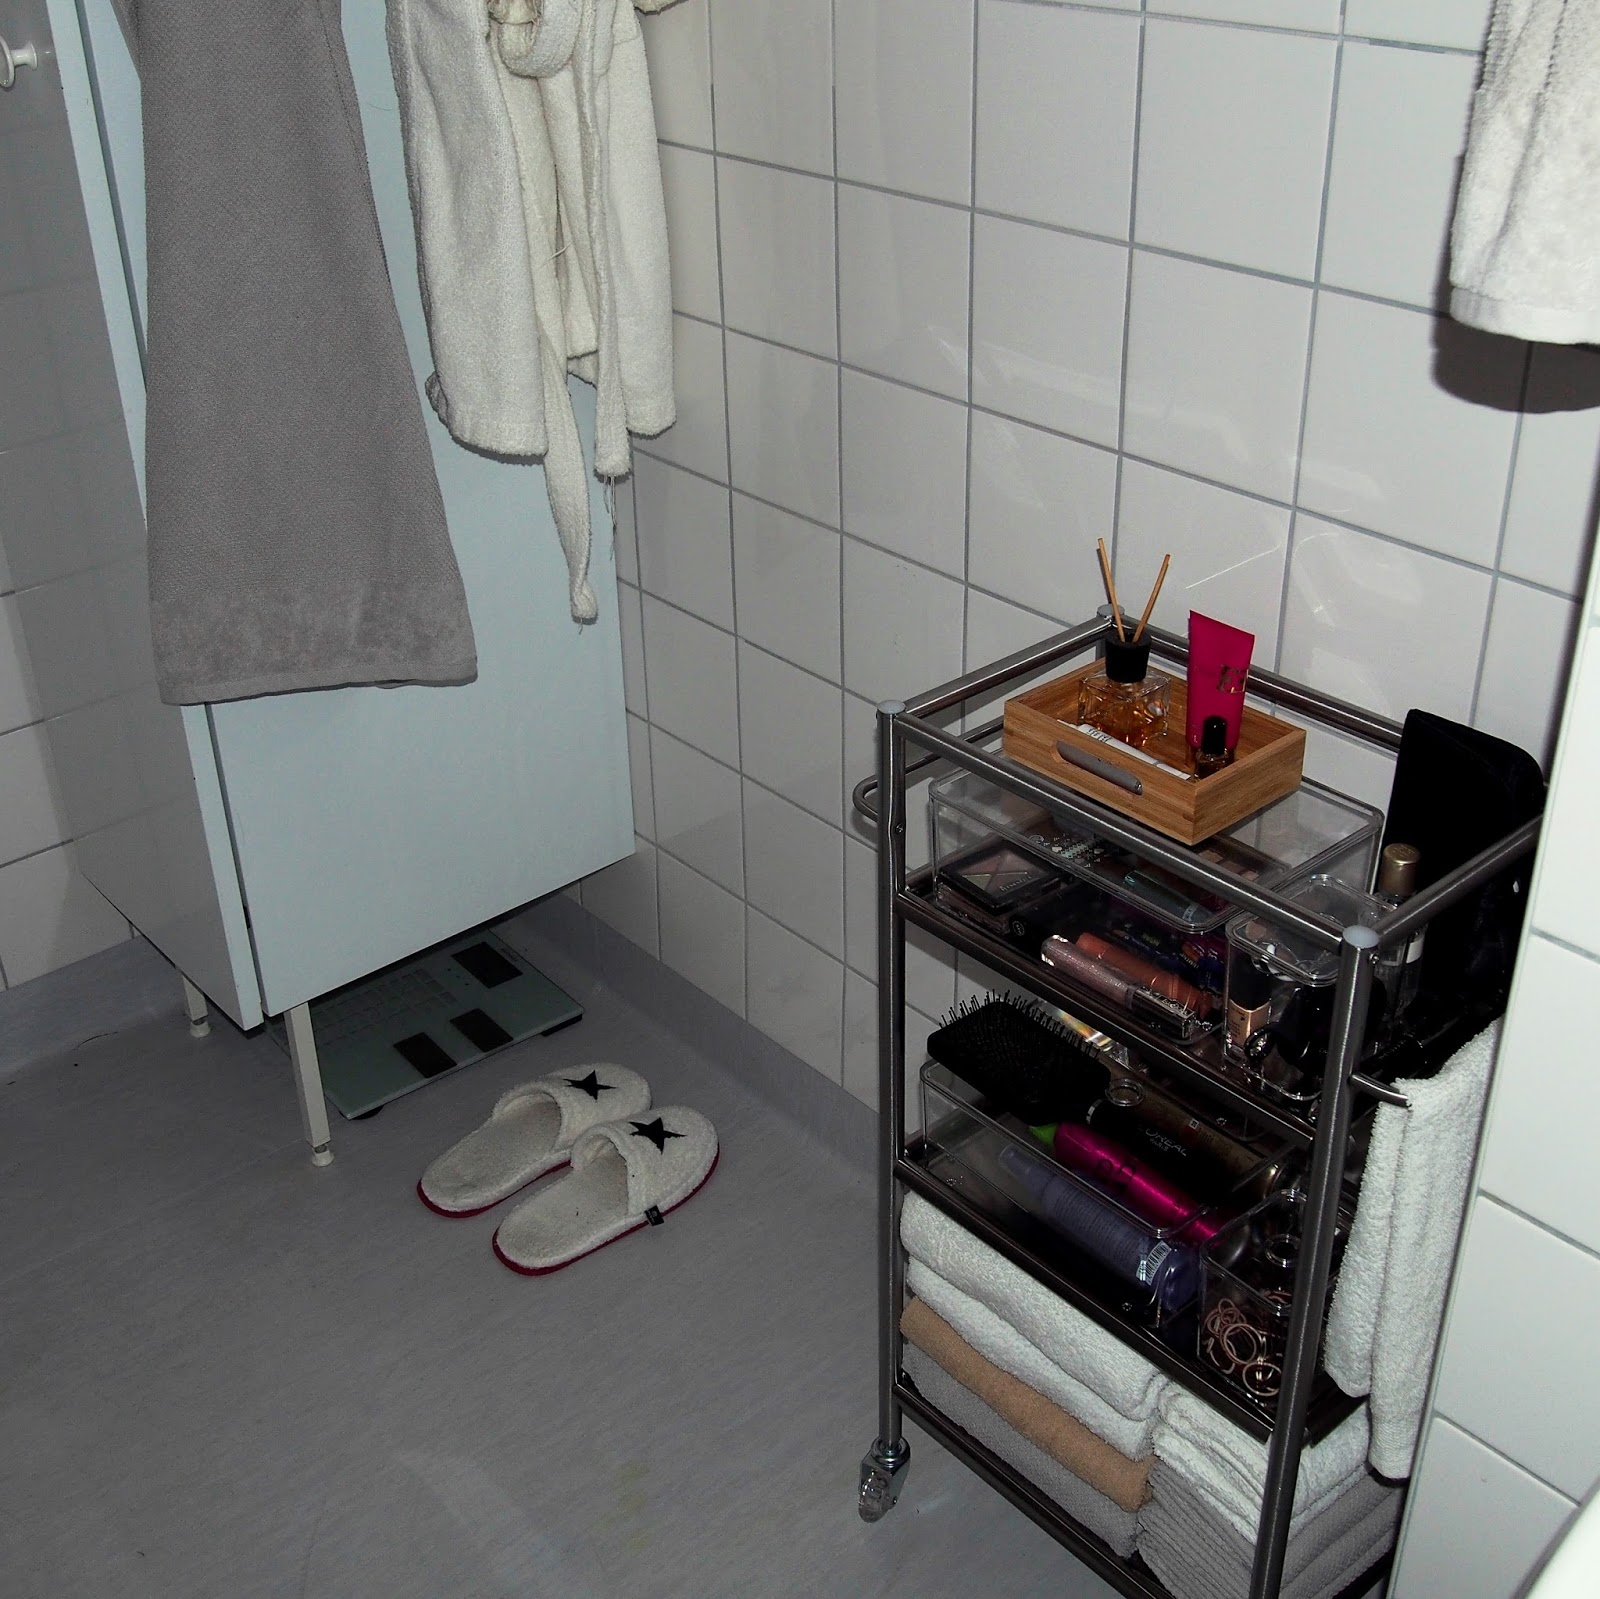 kylpyhuoneen sisustus, kaunis ja siisti vessa, pienen tilan sisustusratkaisut